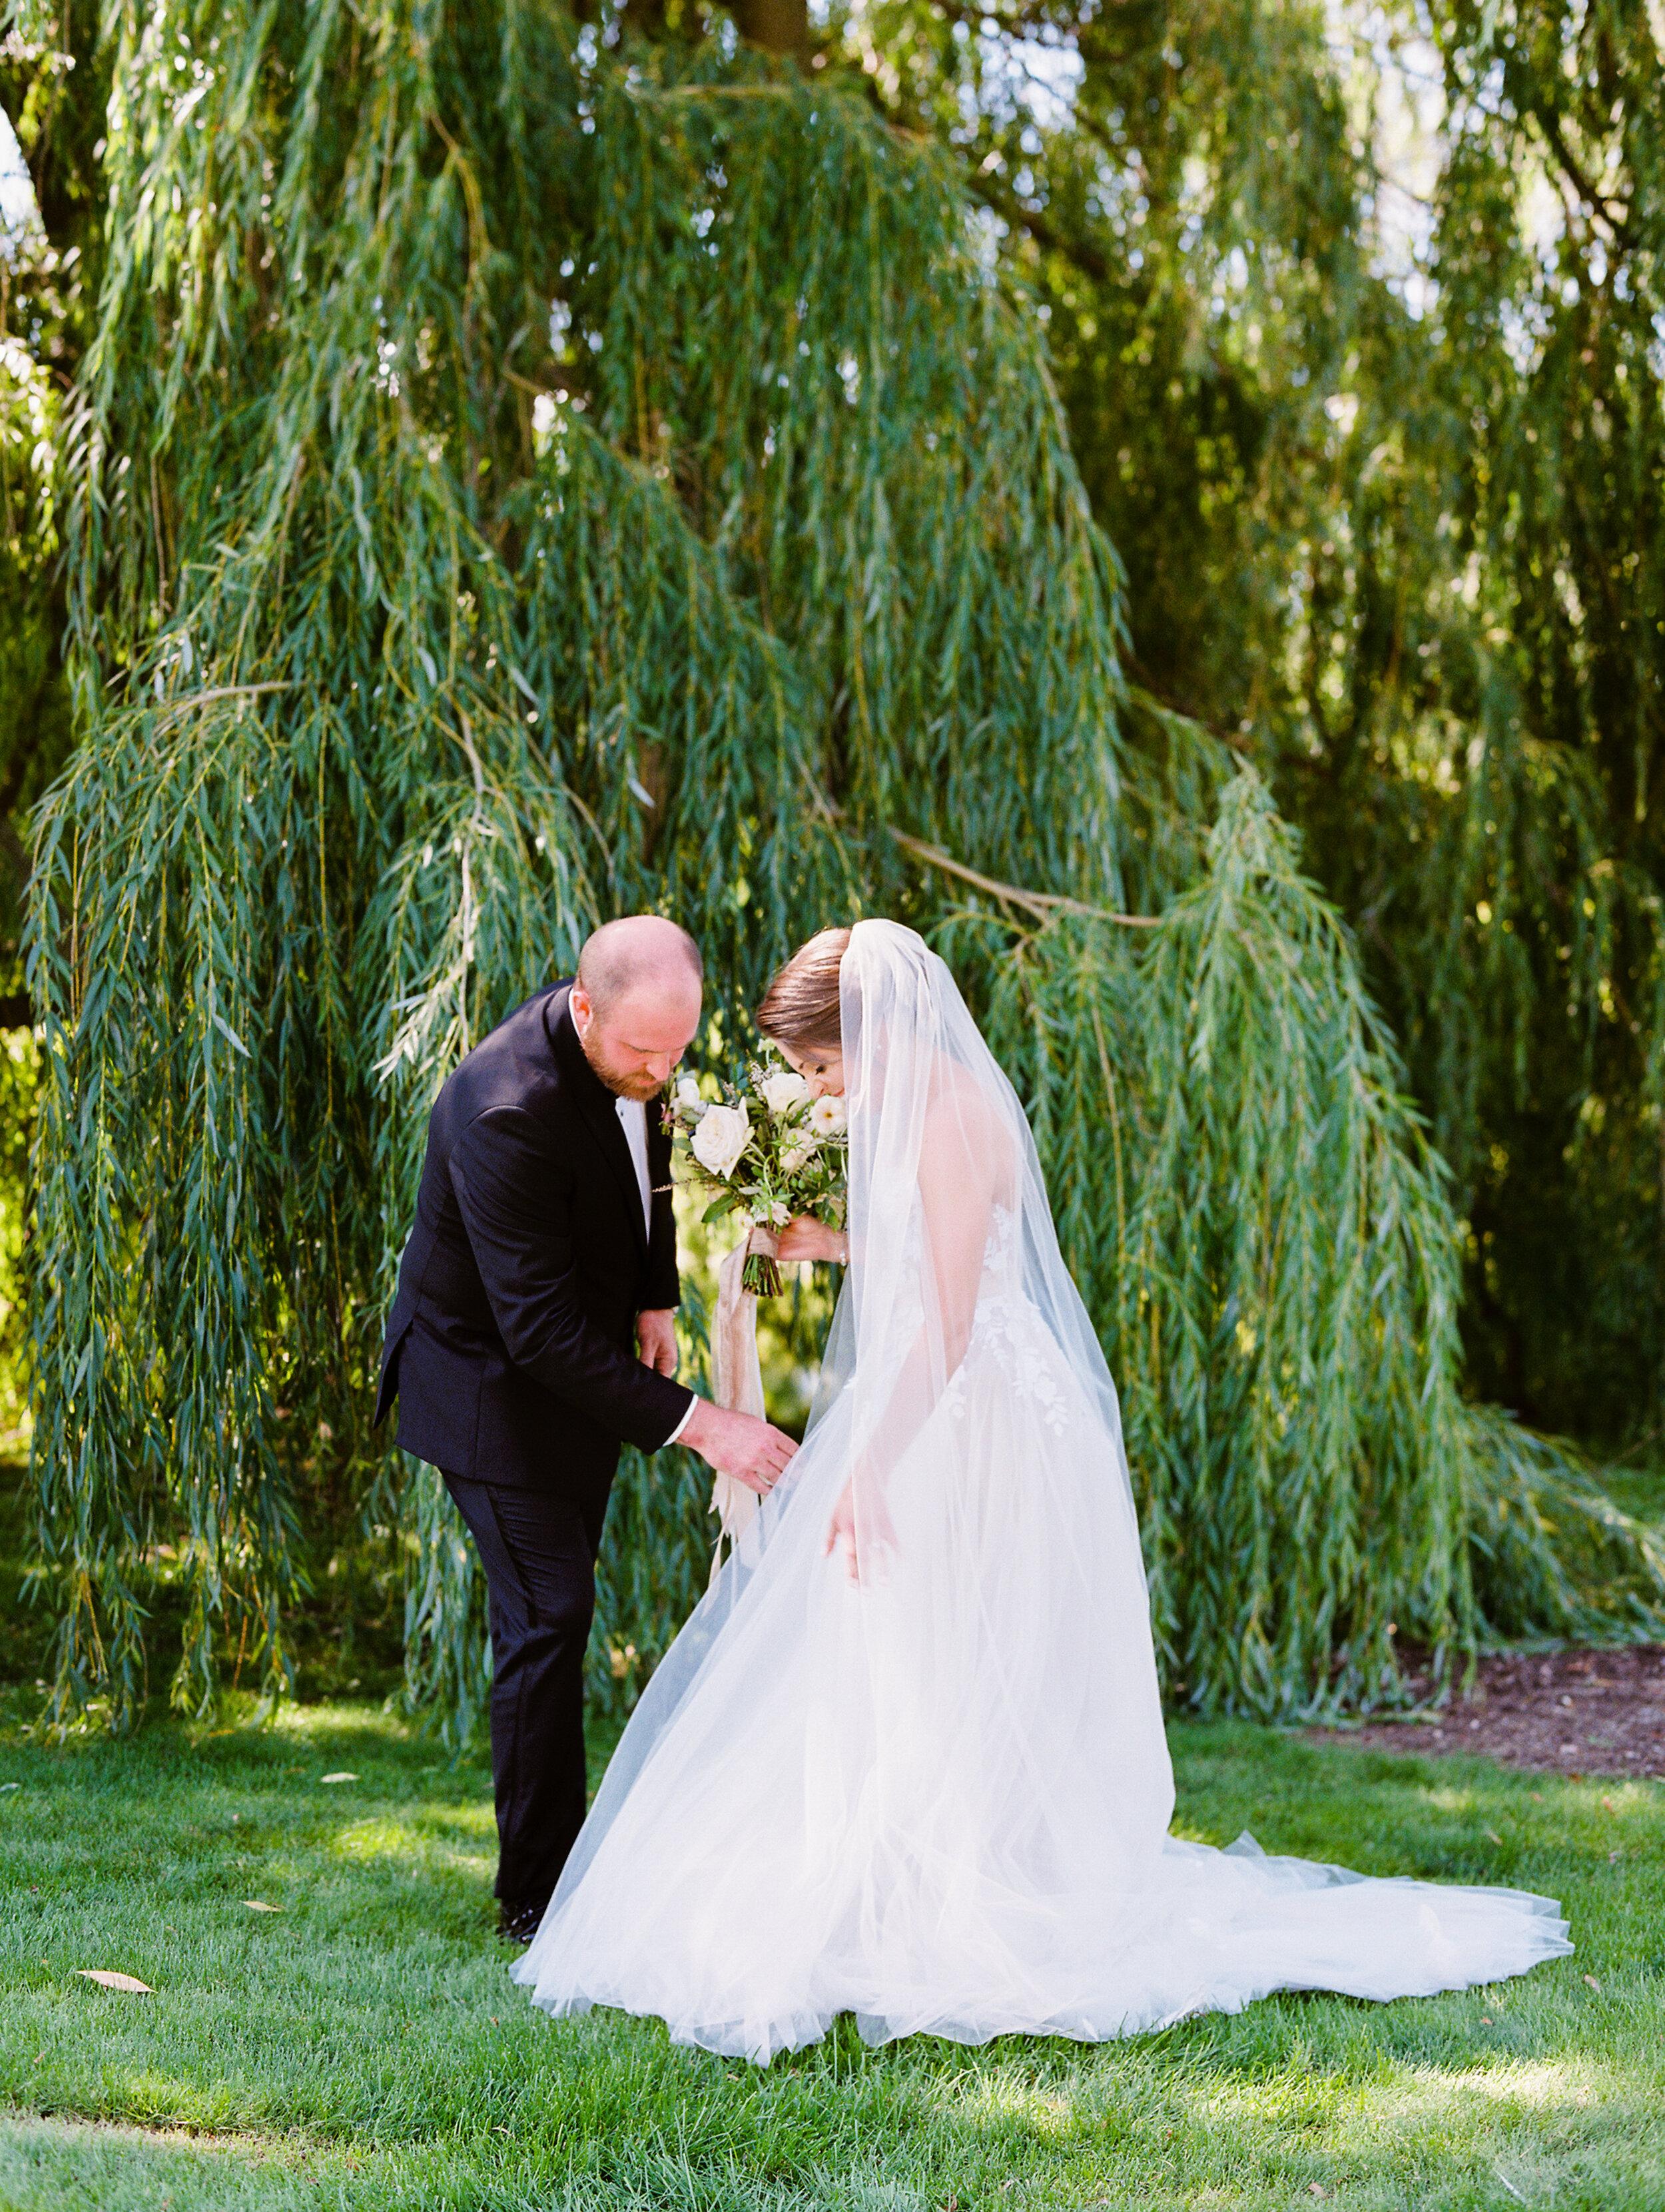 Steinlage+Wedding+First+Look-9.jpg